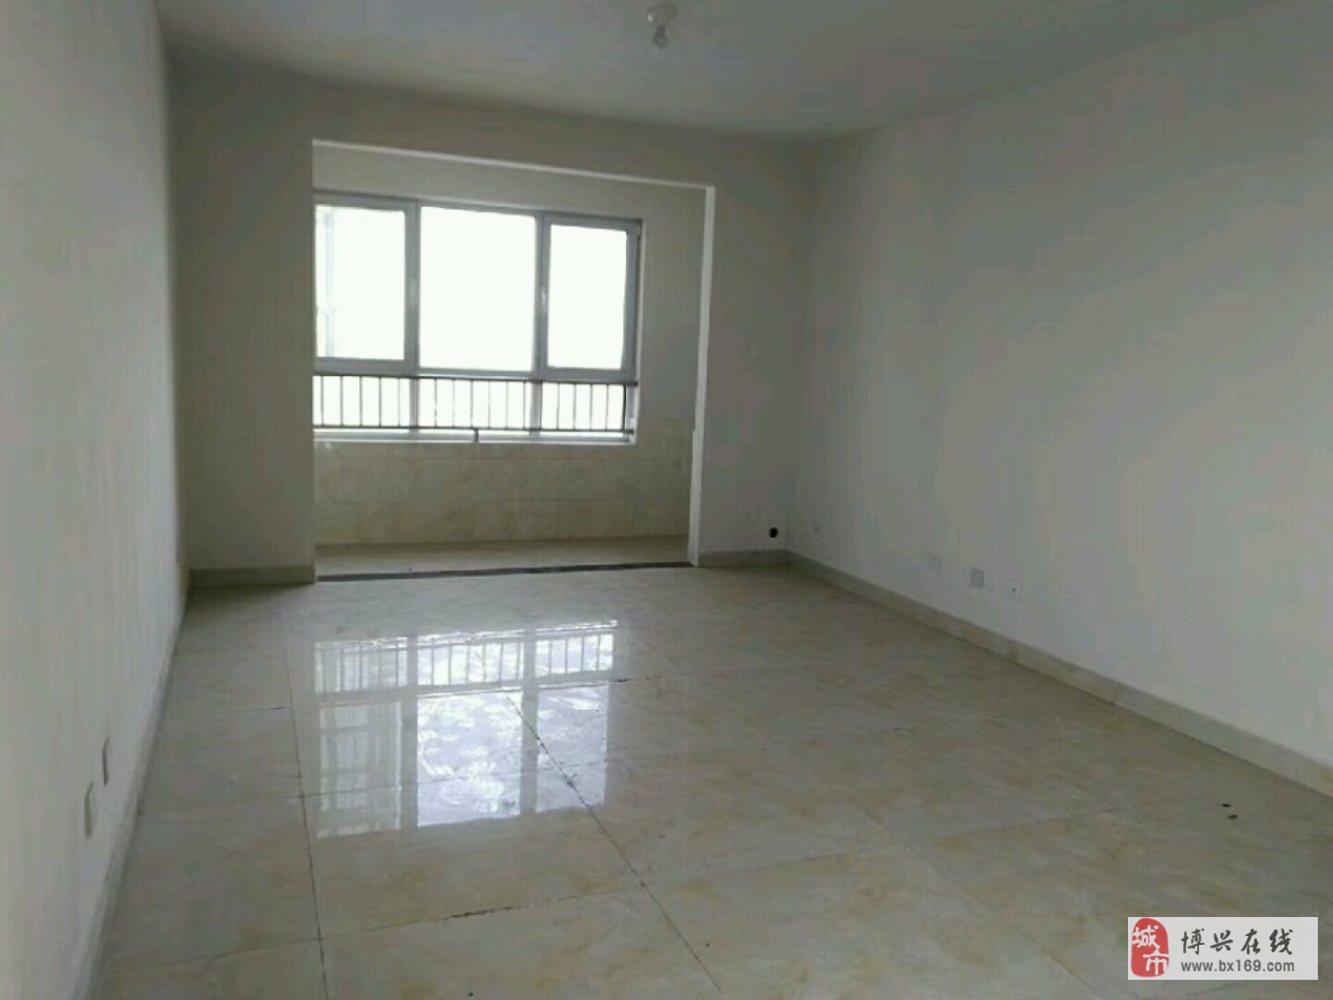 5393京博华艺亭3室2厅1卫70万元